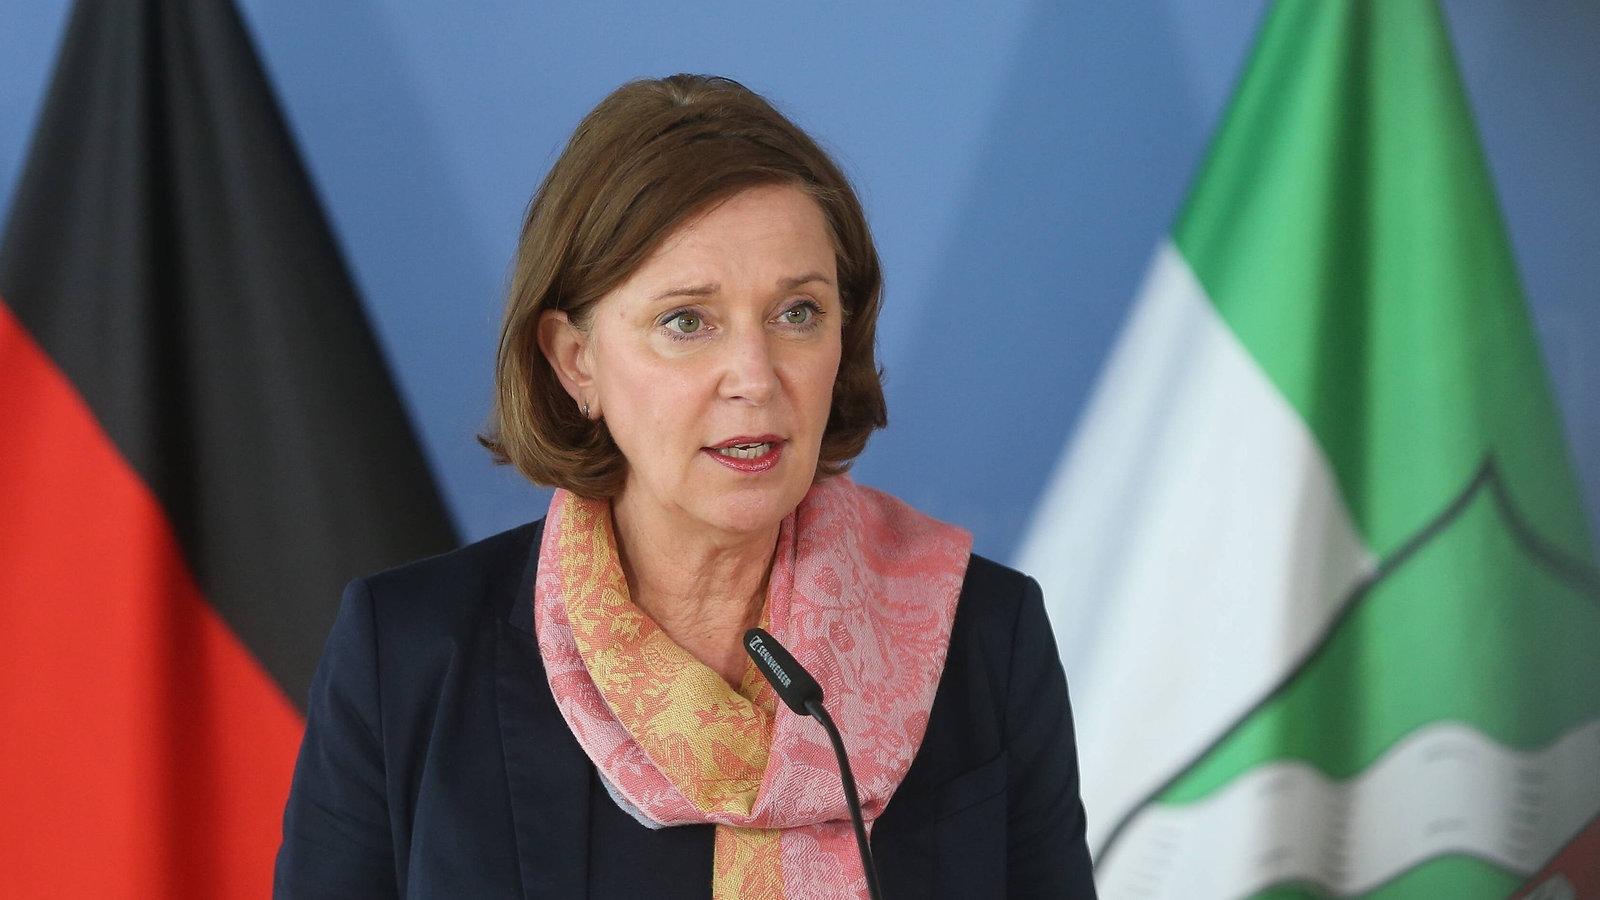 Schulen in NRW: Ab nächste Woche Wechselunterricht für alle